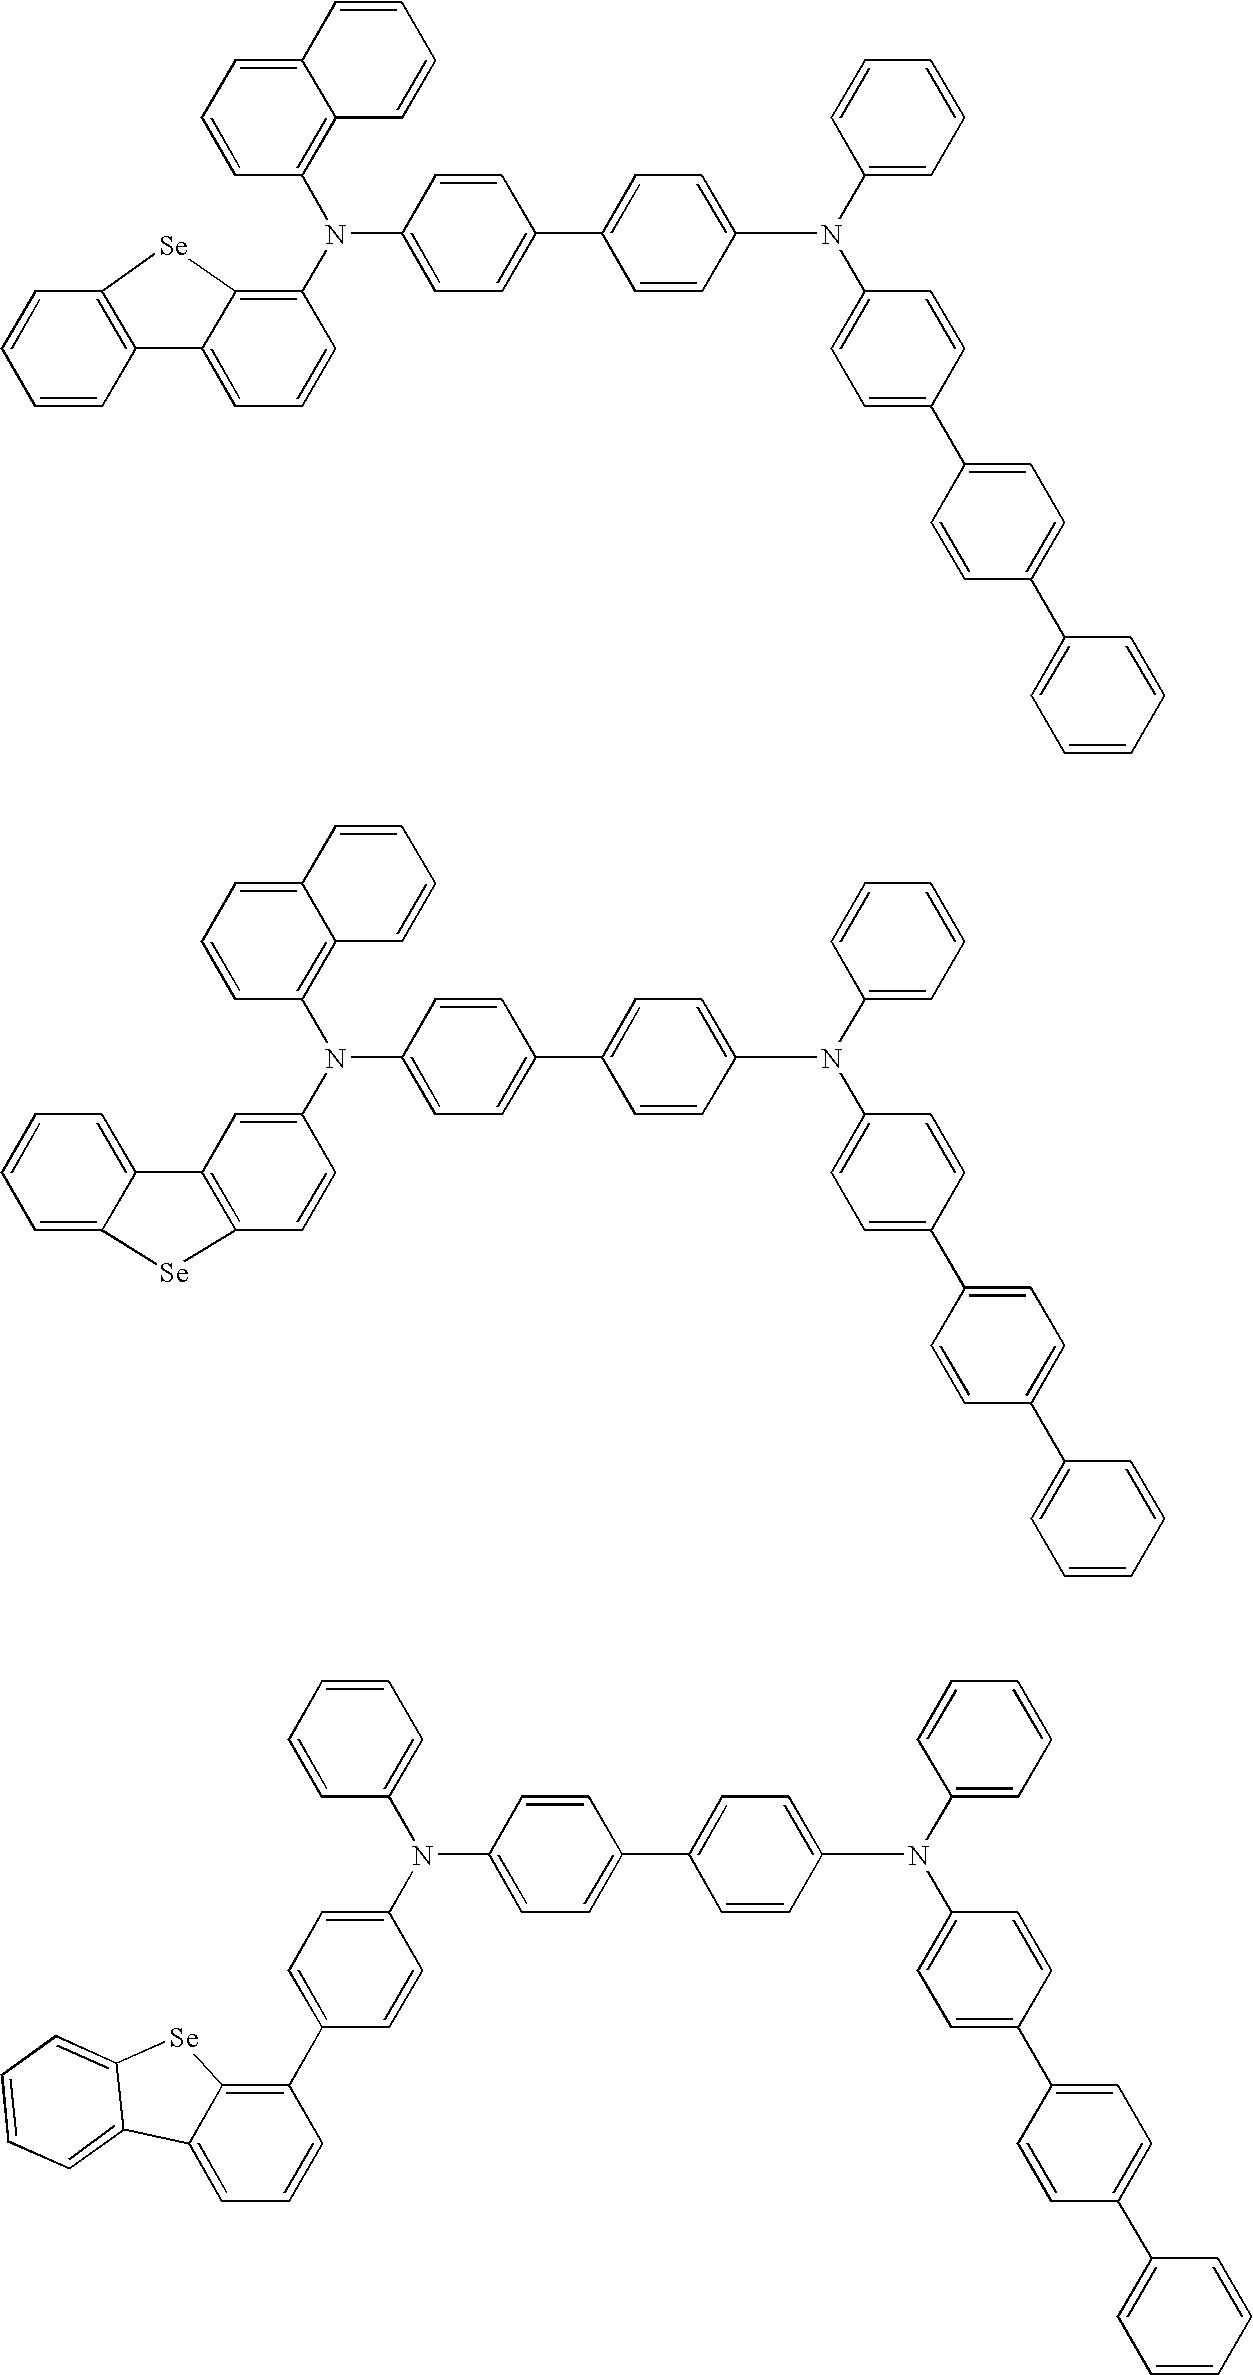 Figure US20100072887A1-20100325-C00023